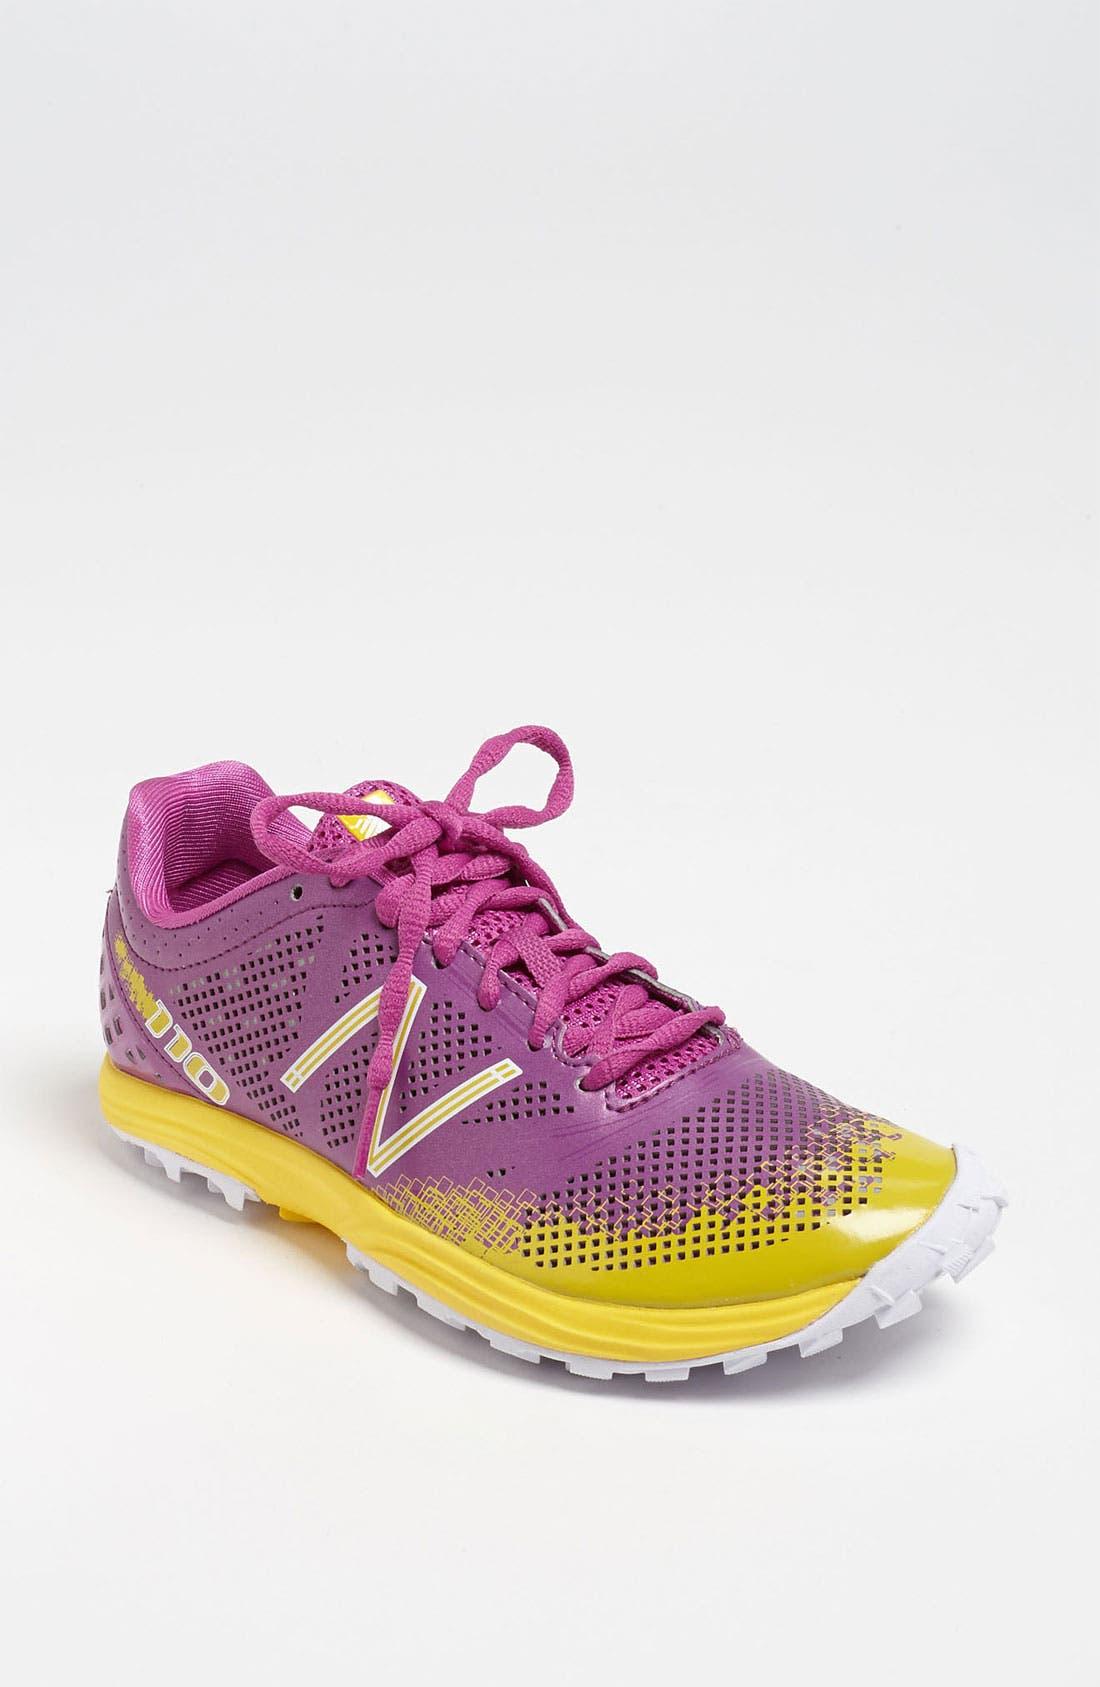 Main Image - New Balance '110 V1' Trail Running Shoe (Women)(Retail Price: $89.95)